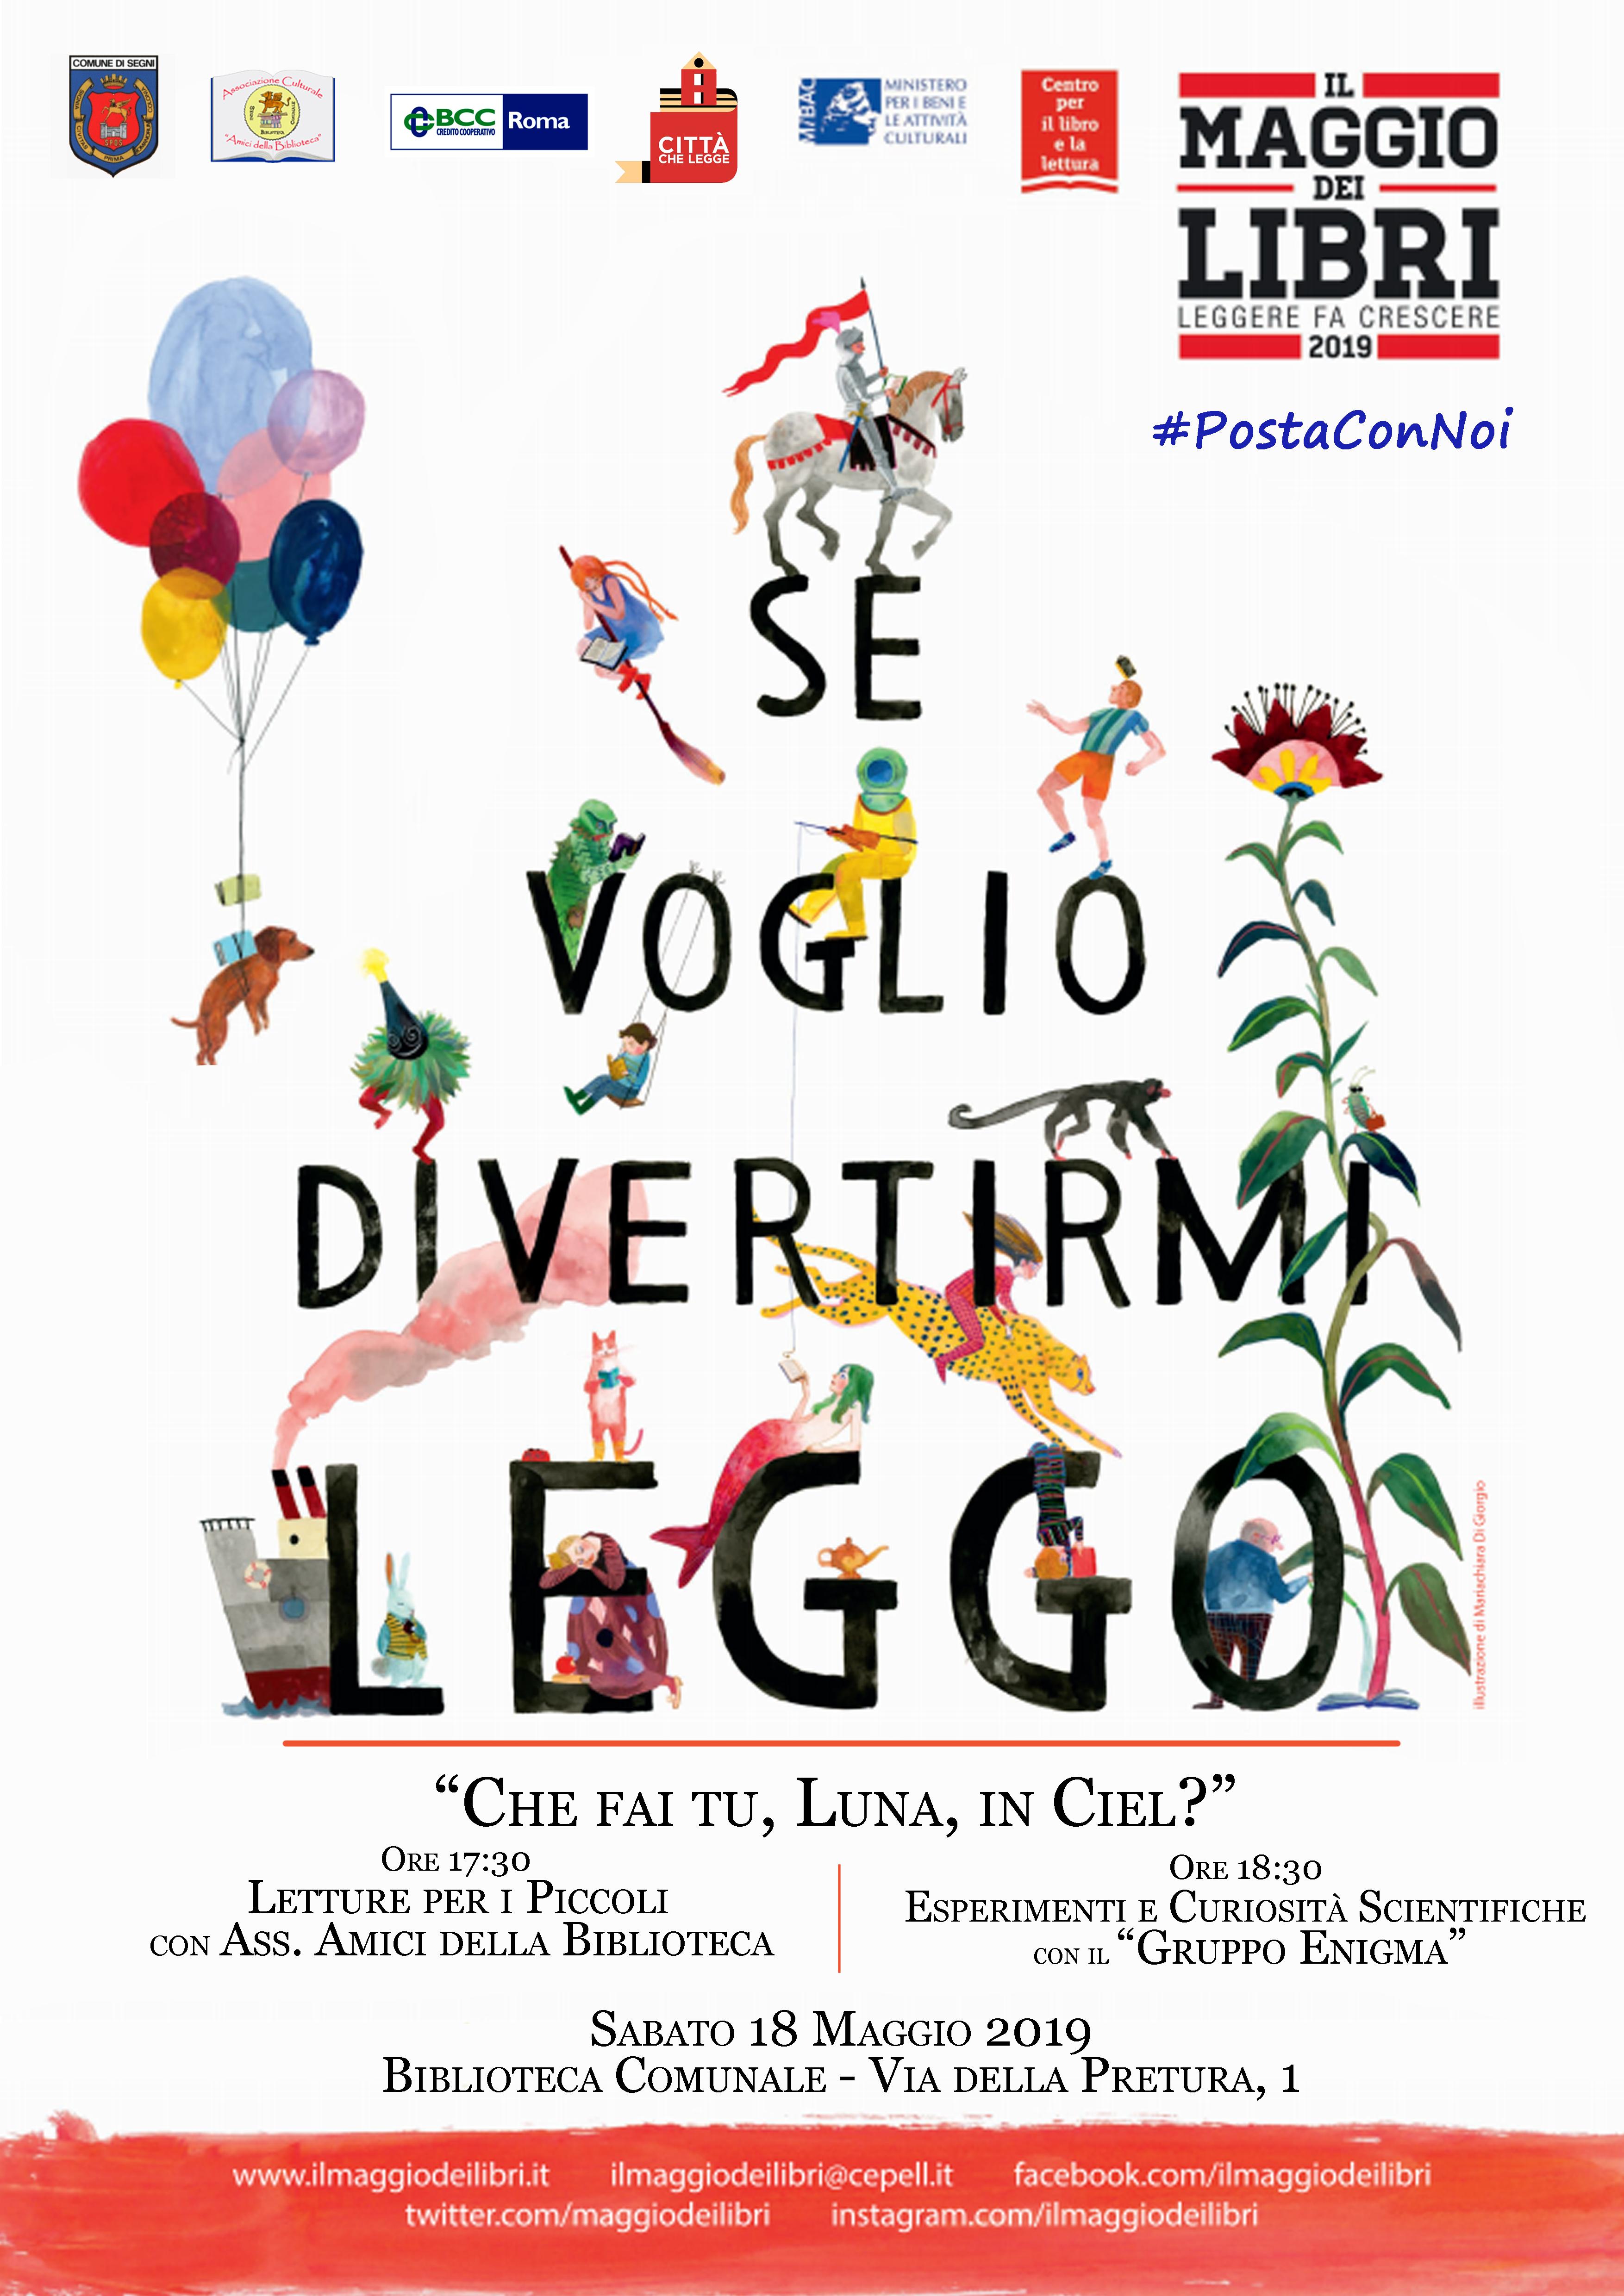 Segni: Se voglio divertirmi leggo @ biblioteca comunale | Lazio | Italia